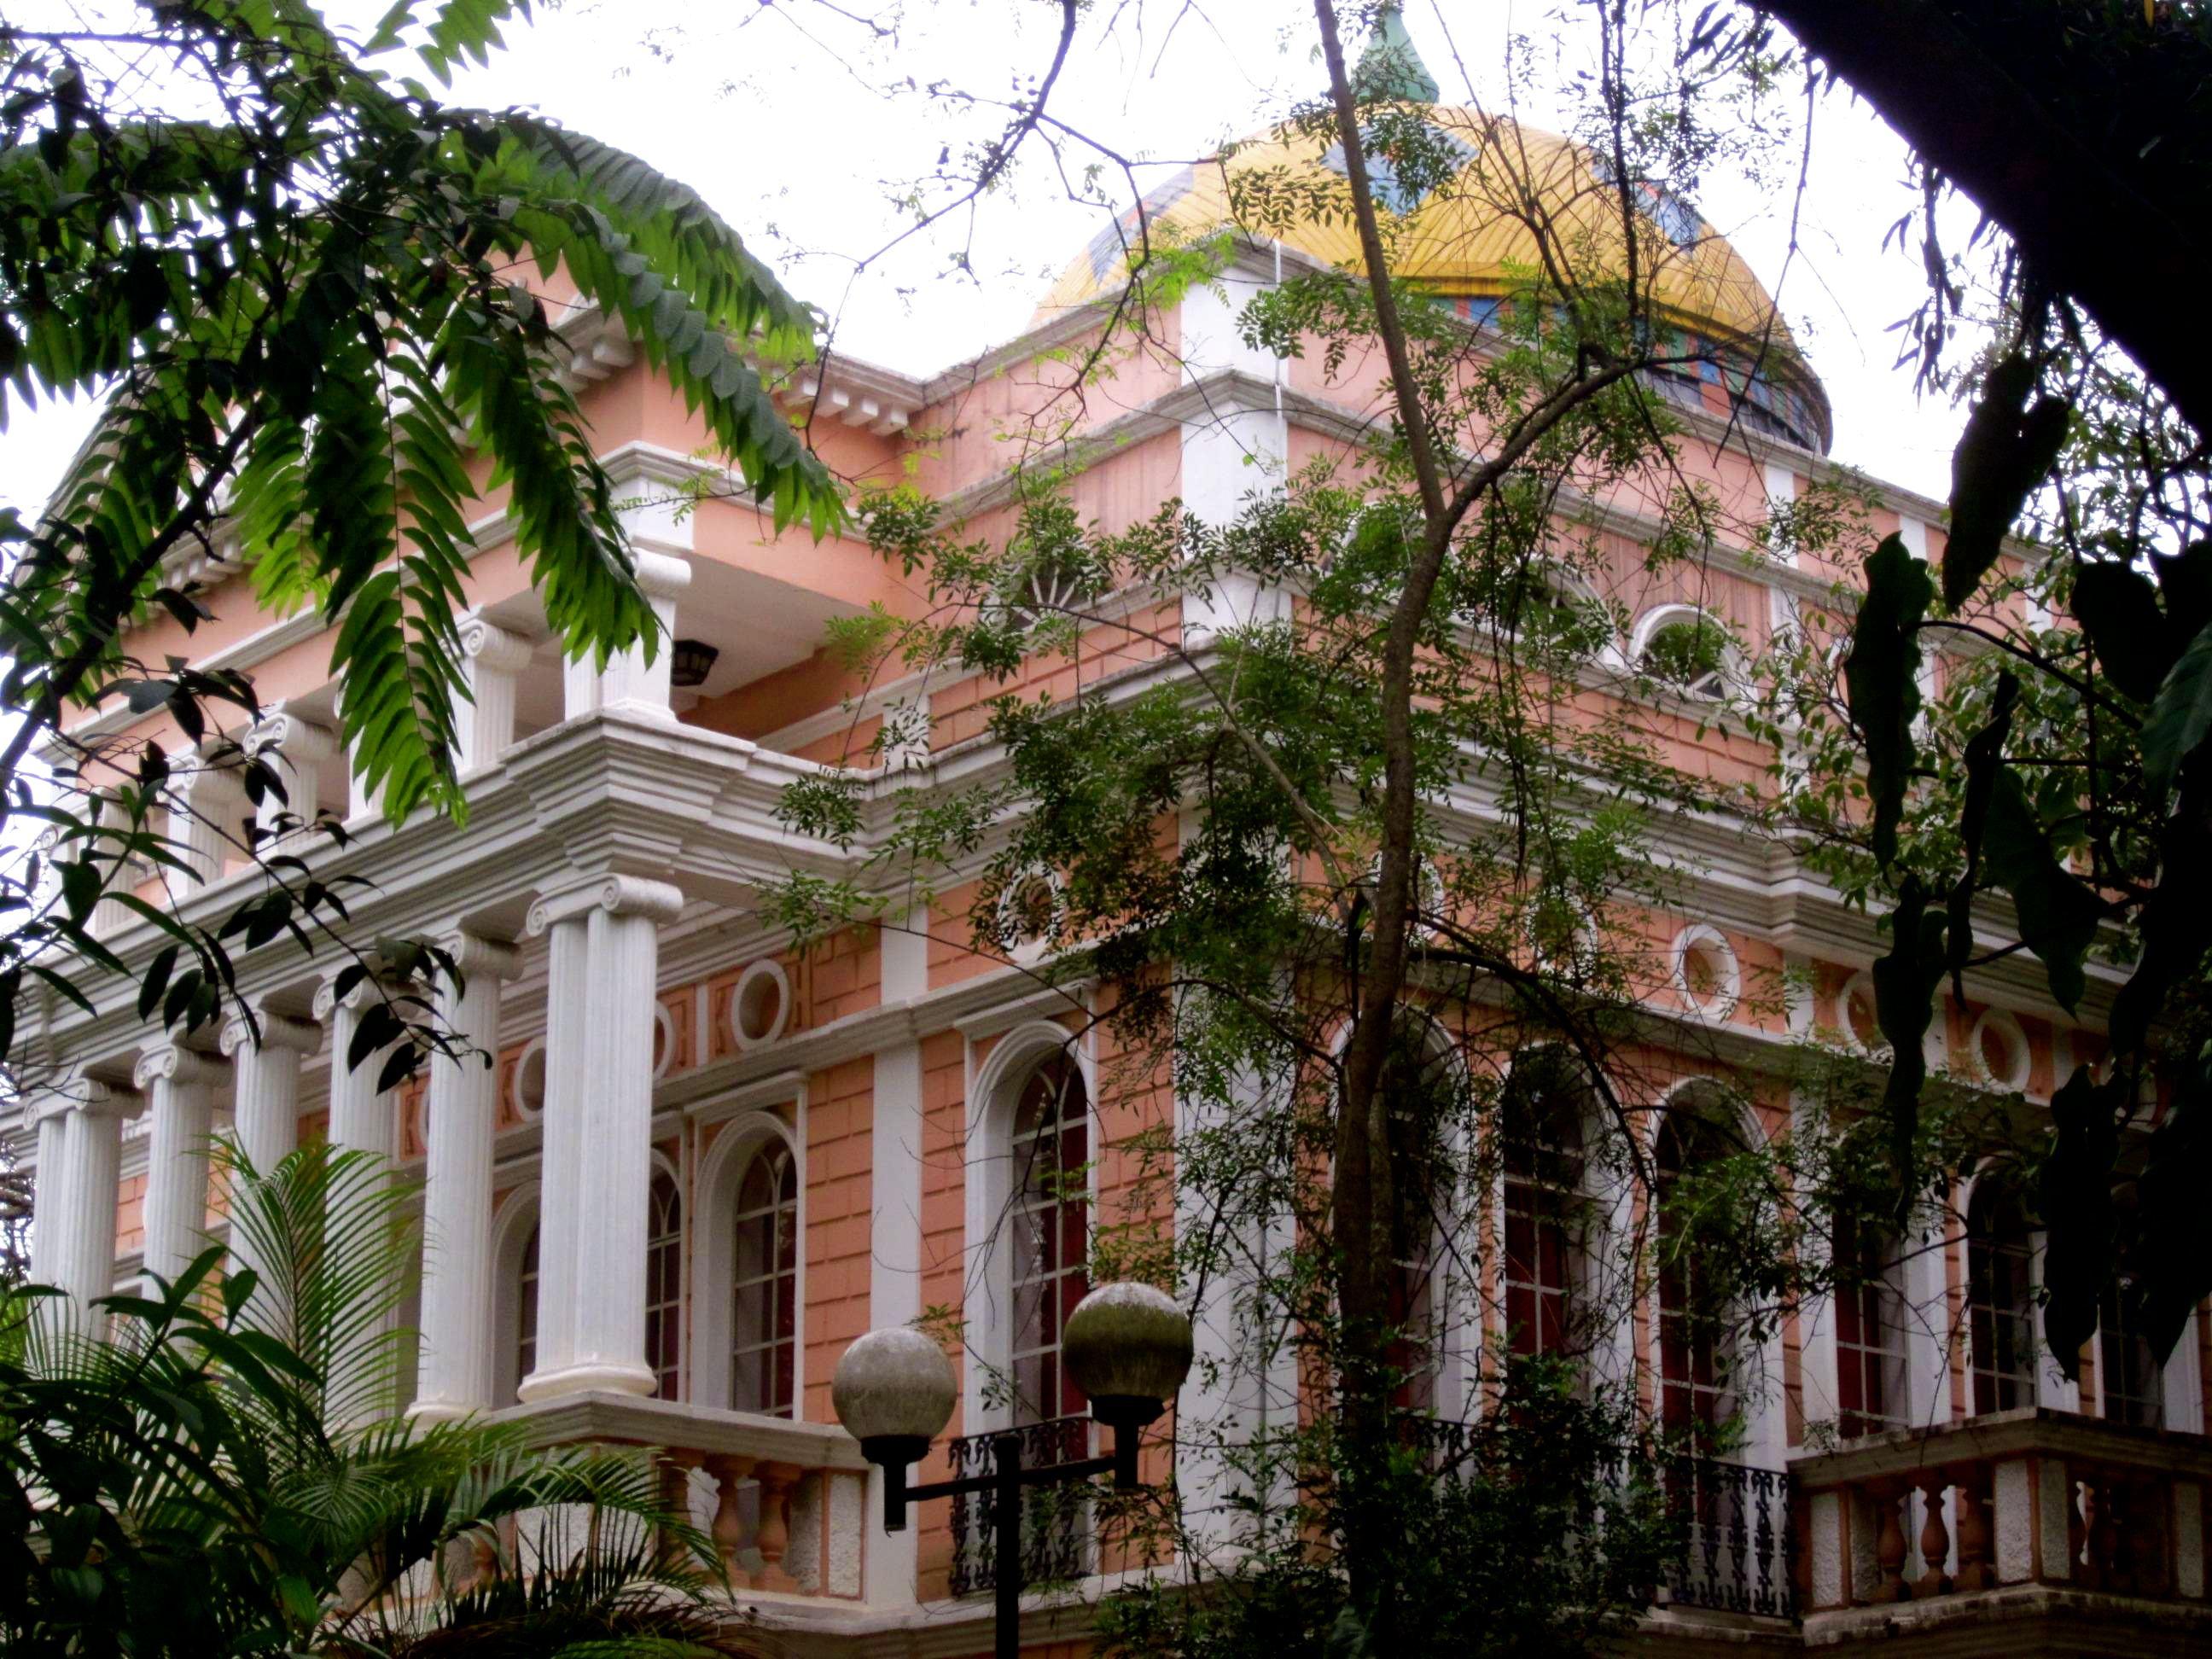 Campo Bernardo Do